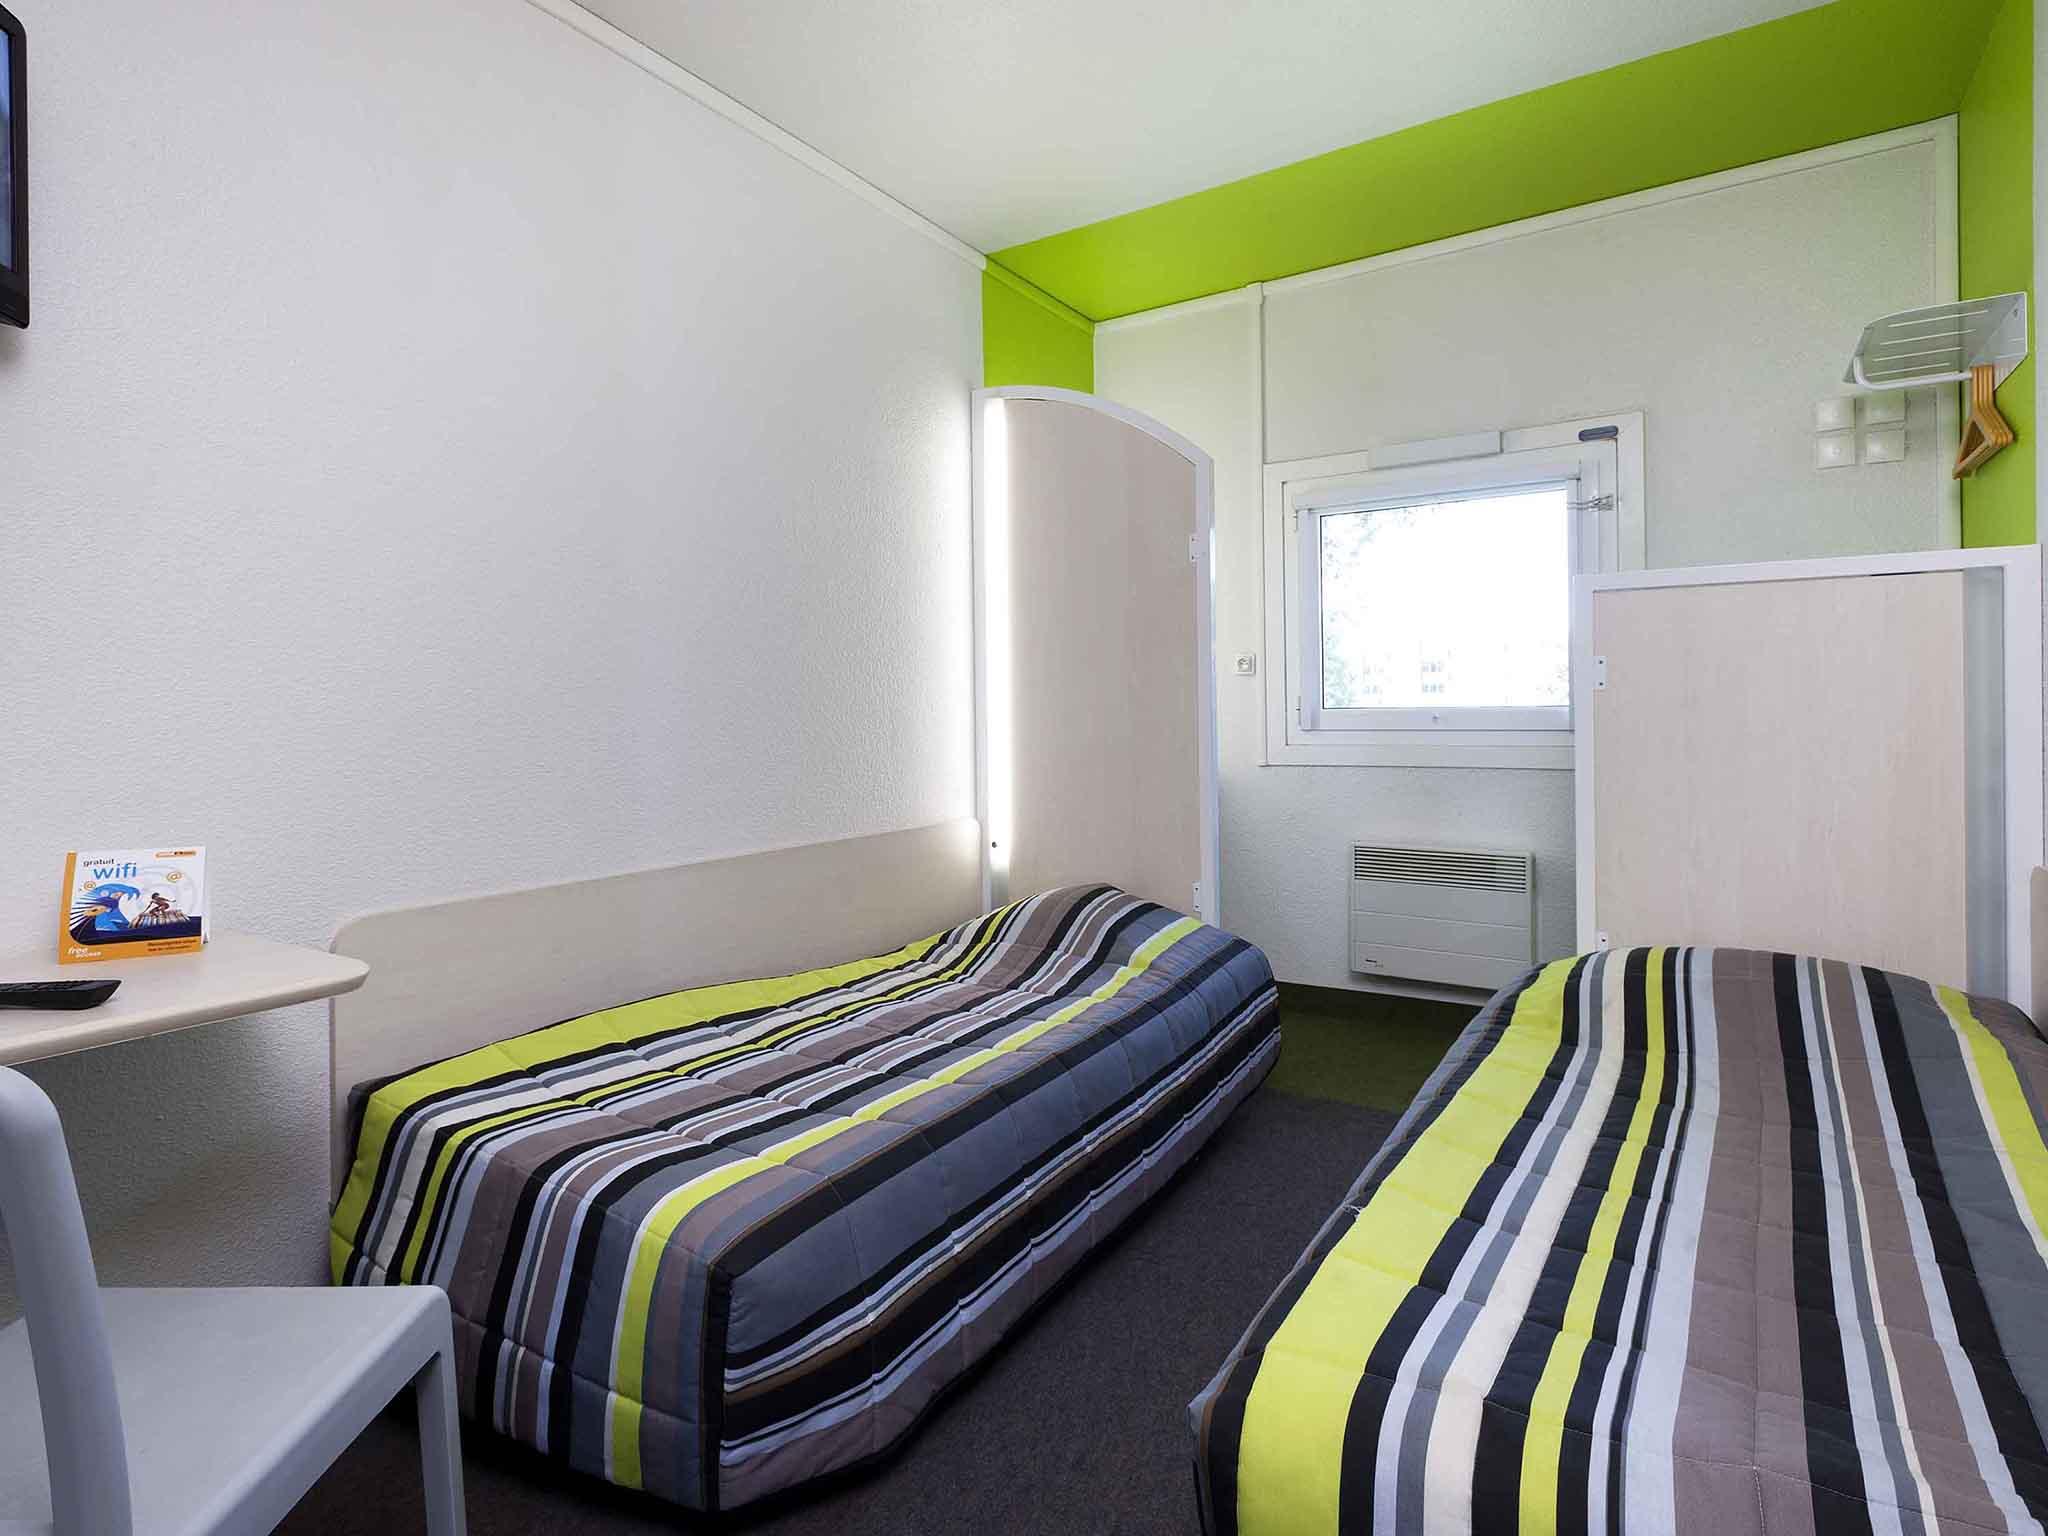 فندق - hotelF1 Valenciennes Douchy-les-Mines